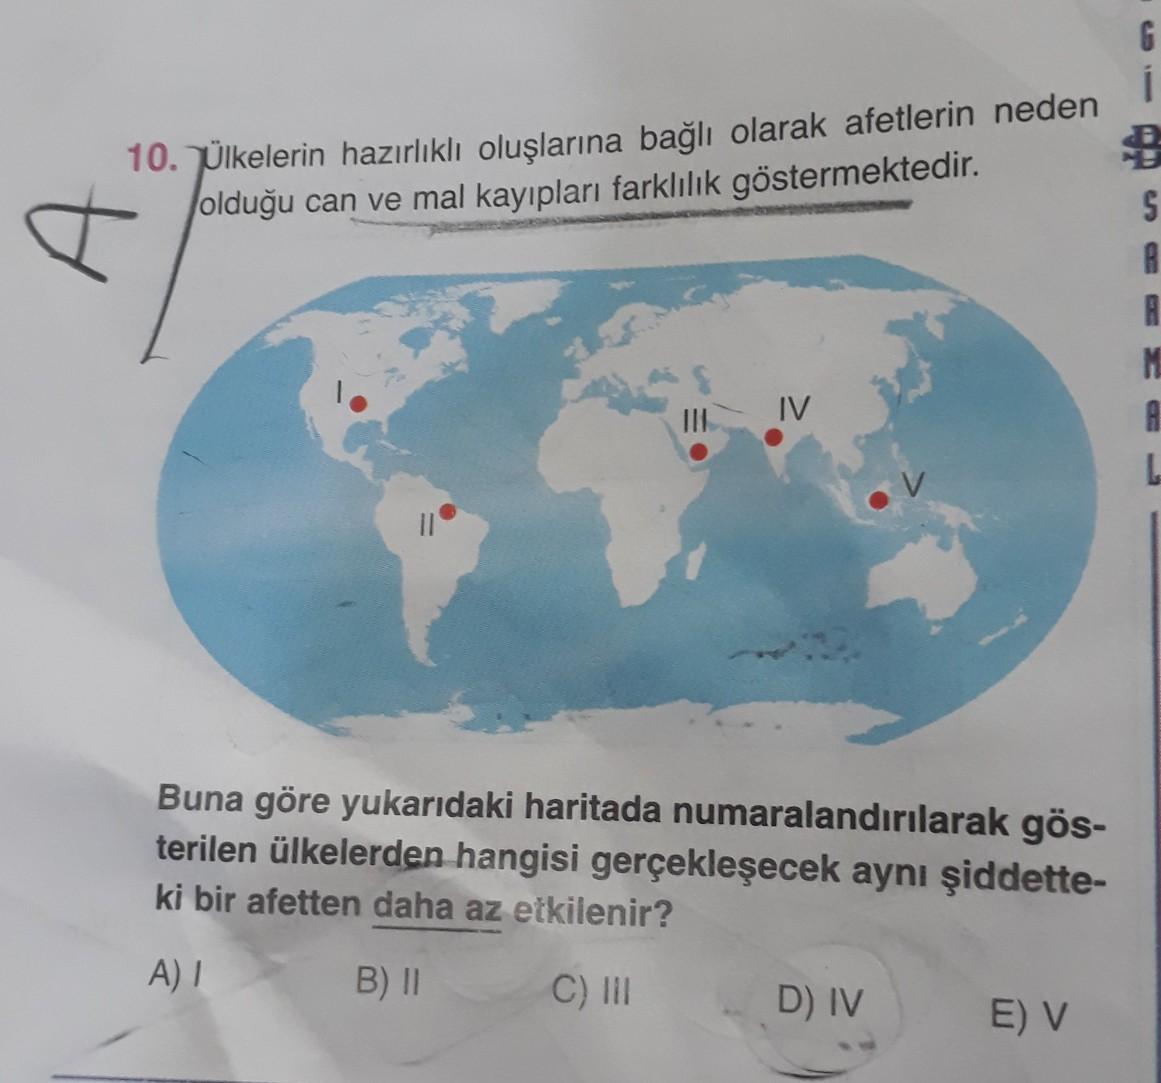 G 10. Ülkelerin hazırlıklı oluşlarına bağlı olarak afetlerin neden olduğu can ve mal kayıpları farklılık göstermektedir. S B B M MV Buna göre yukarıdaki haritada numaralandırılarak gös- terilen ülkelerden hangisi gerçekleşecek aynı şiddette- ki bir afetten